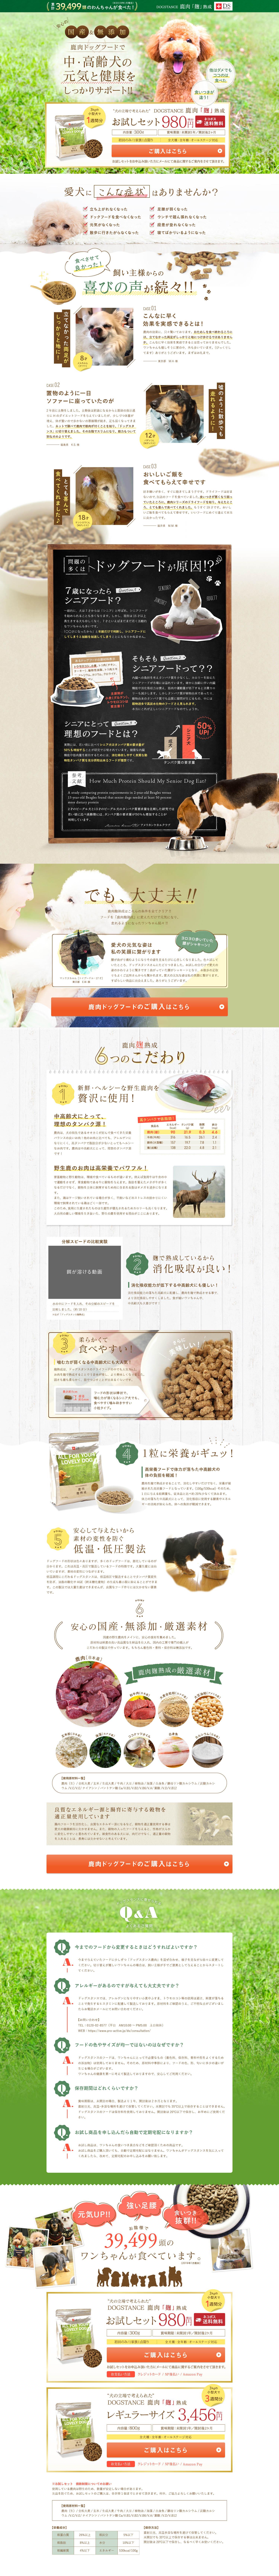 ドッグスタンス 鹿肉「麹」熟成